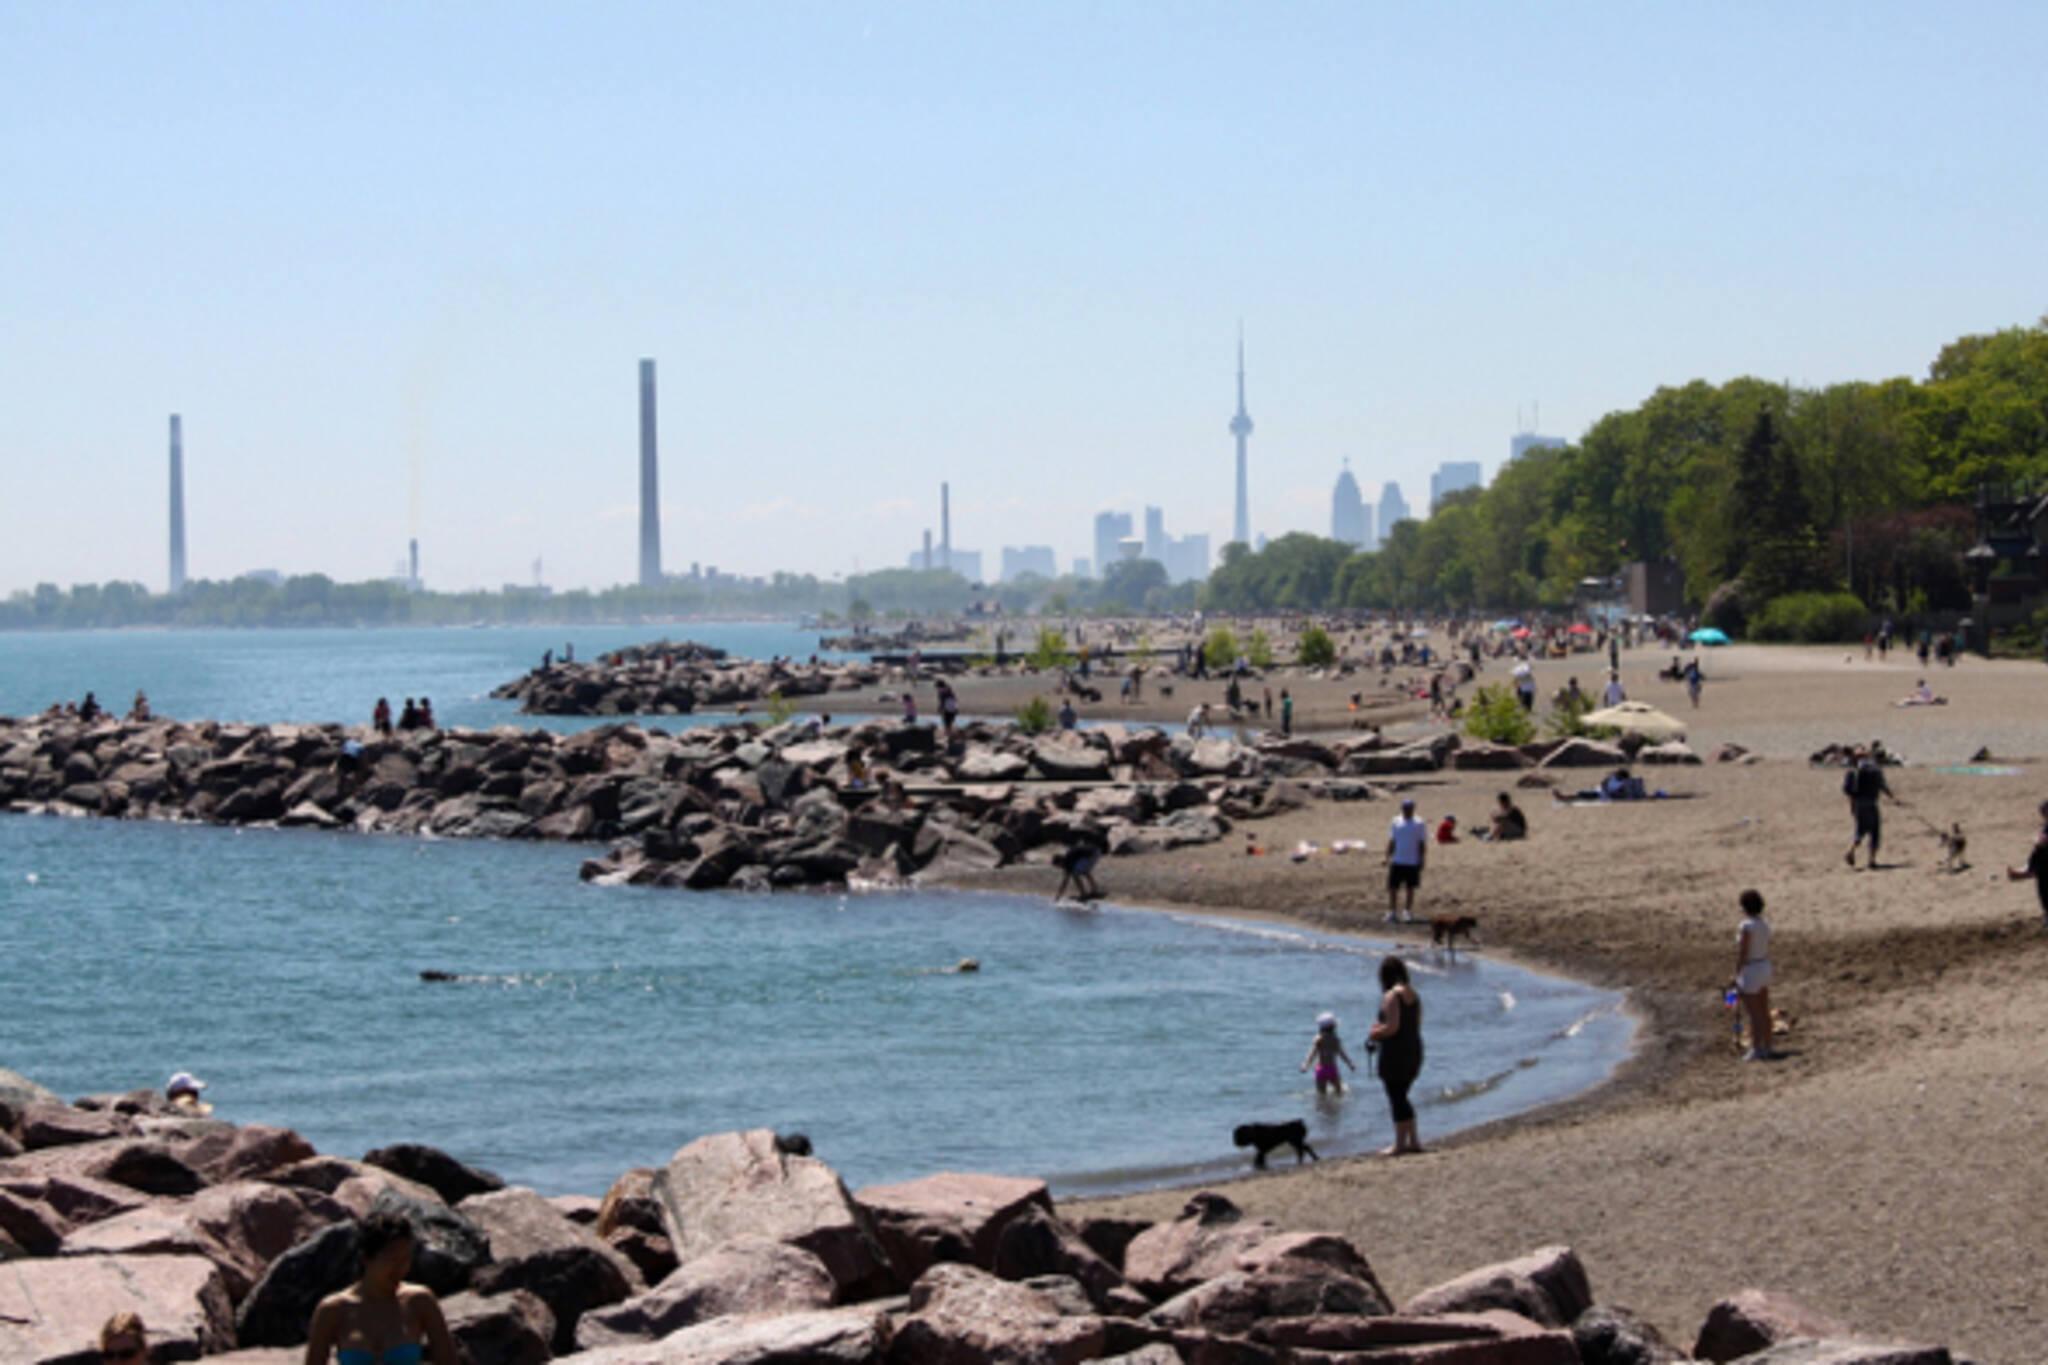 dry Toronto weather